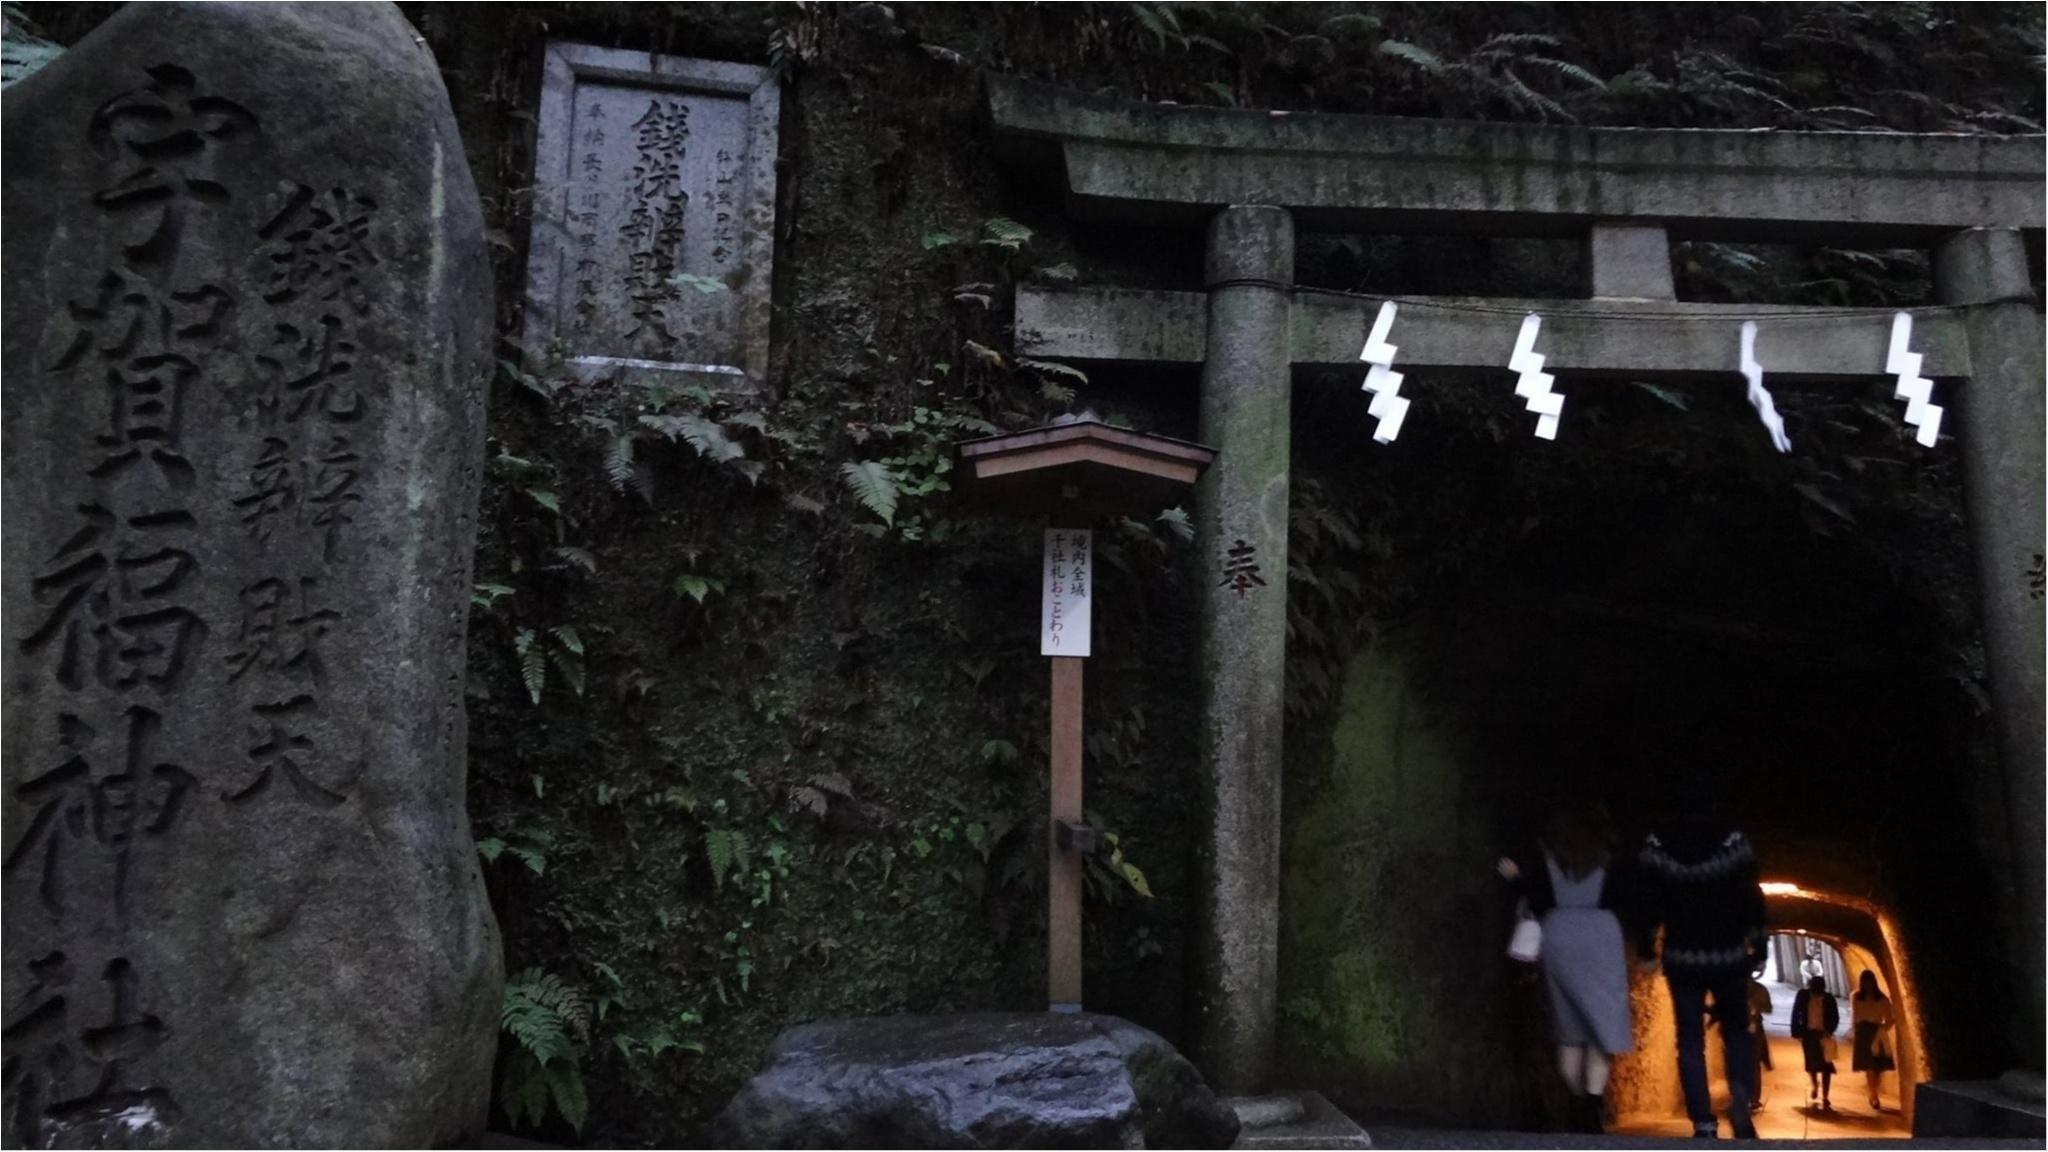 鎌倉にも紅葉の季節がやってきた♡11/20時点で見頃のオススメ紅葉スポットをご紹介✨≪samenyan≫_1